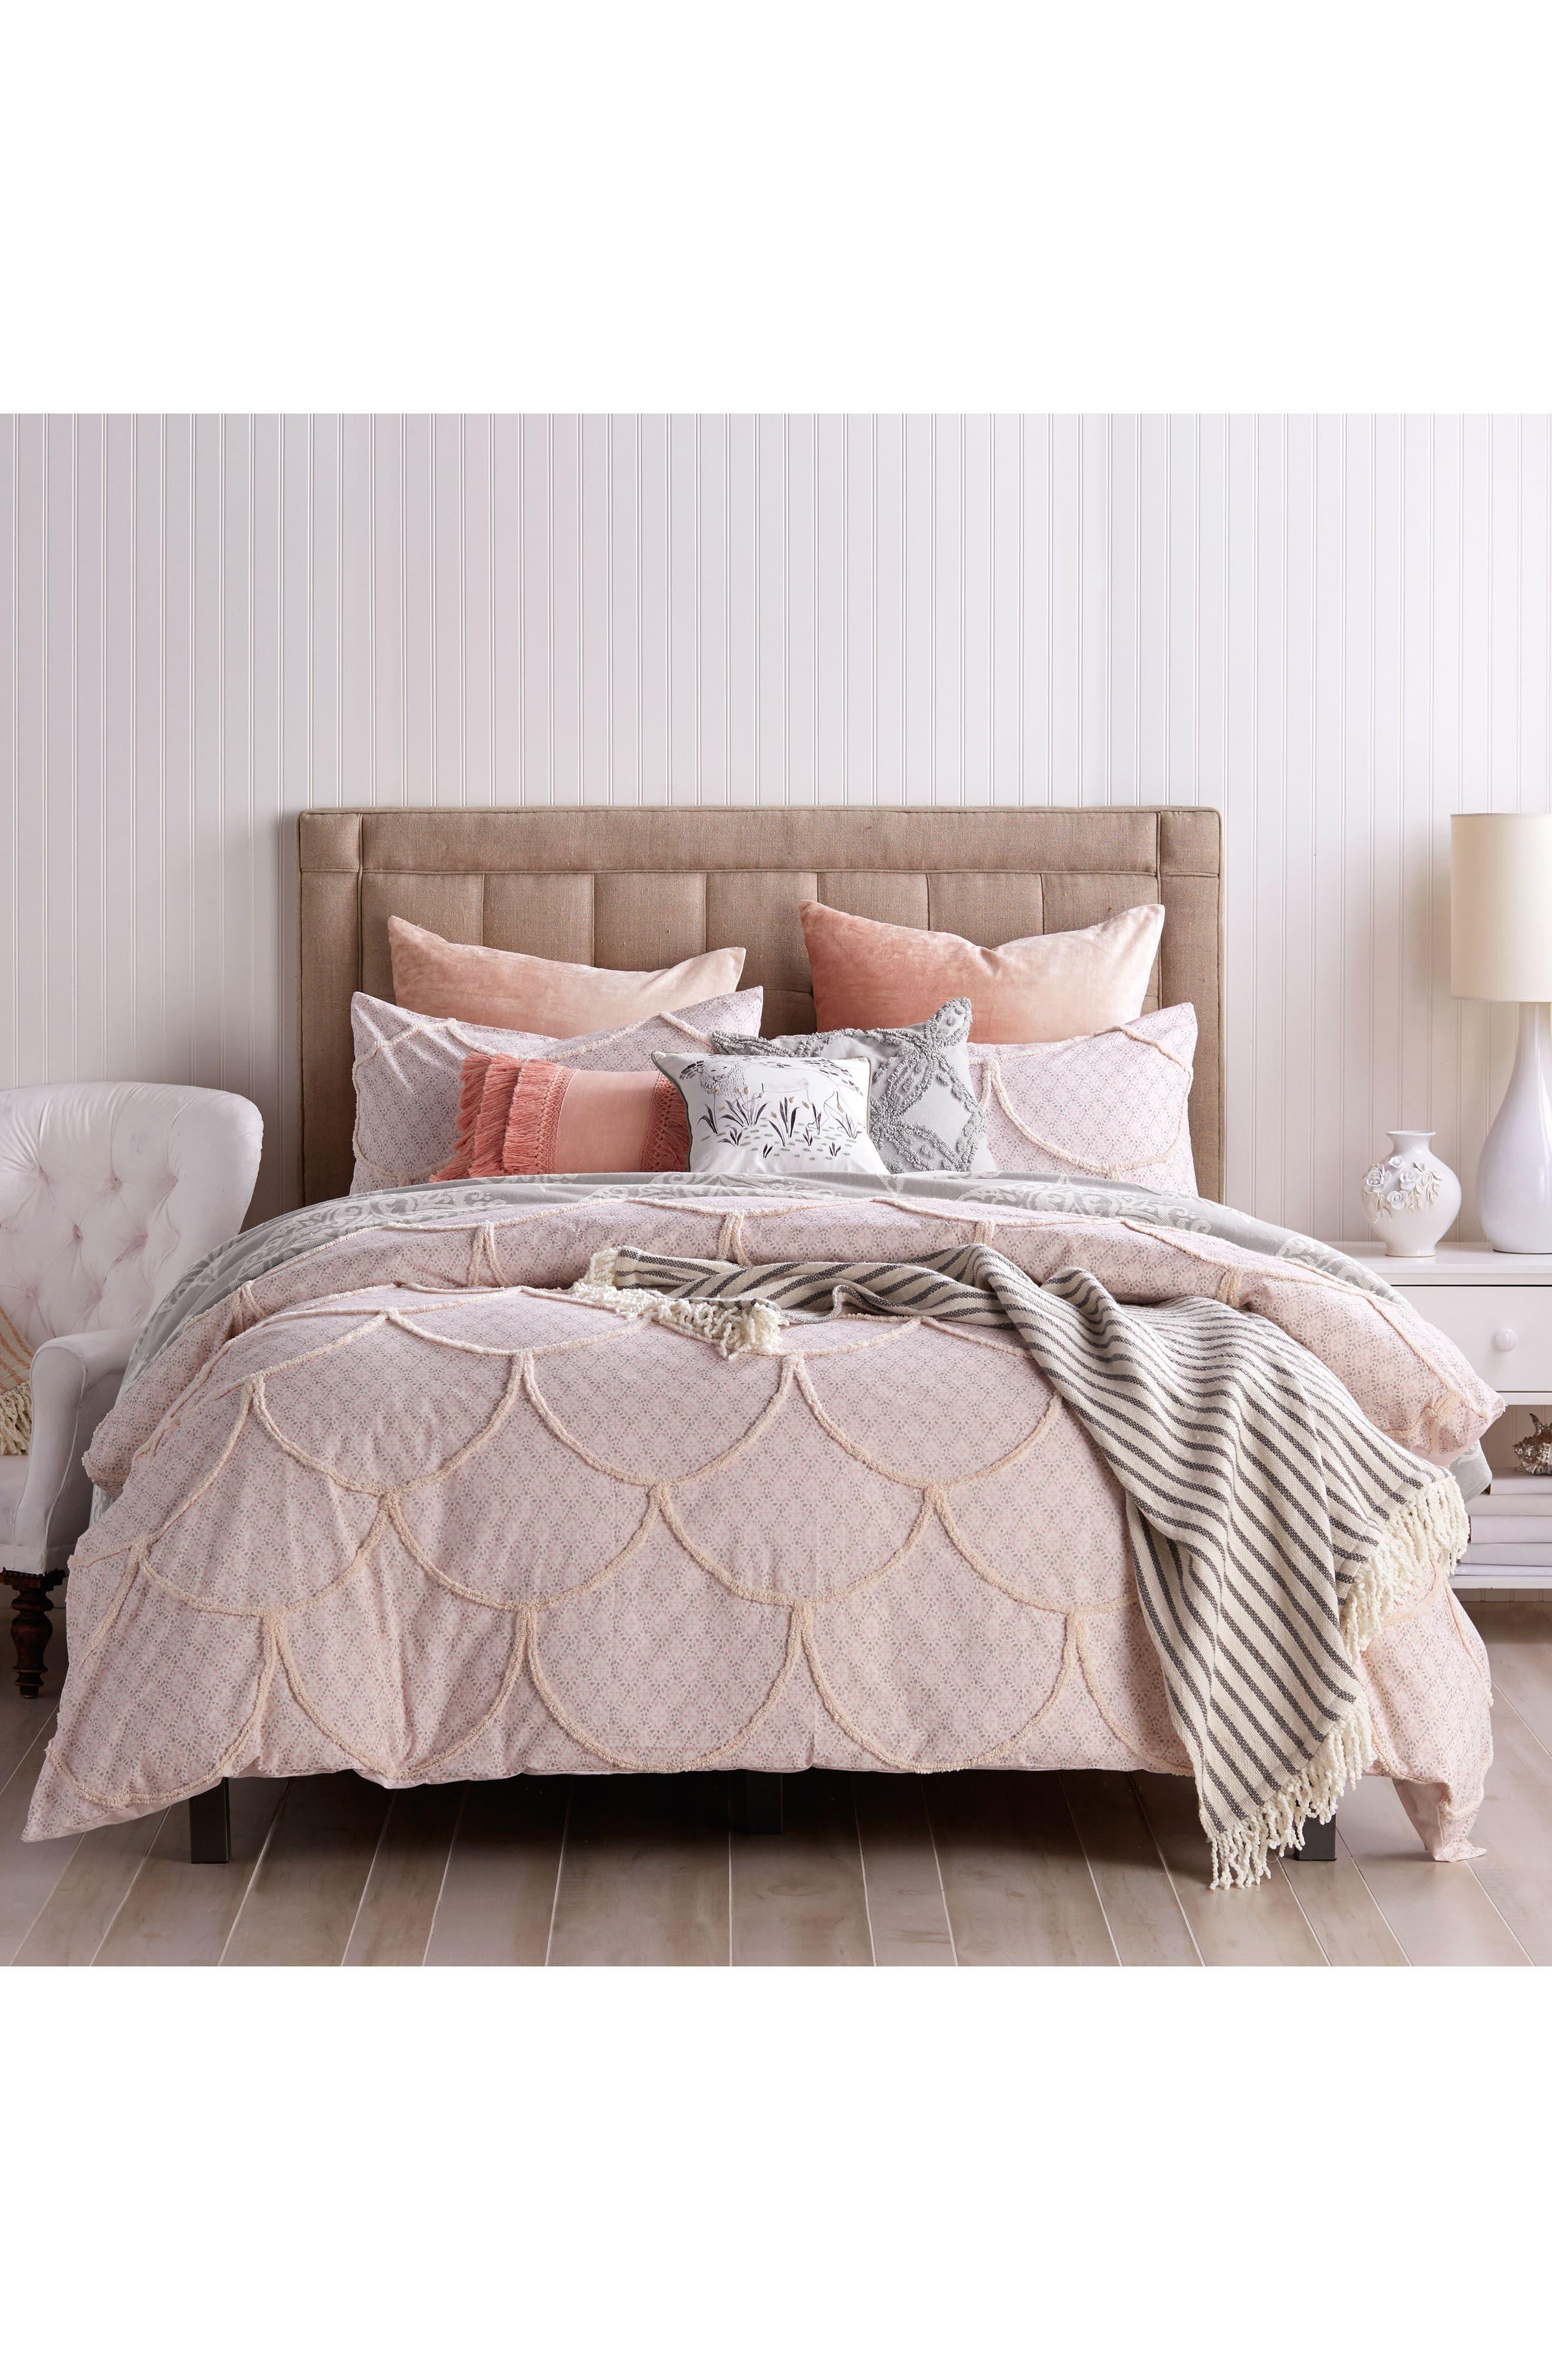 Main Image - Peri Home Chenille Scallop Comforter & Sham Set